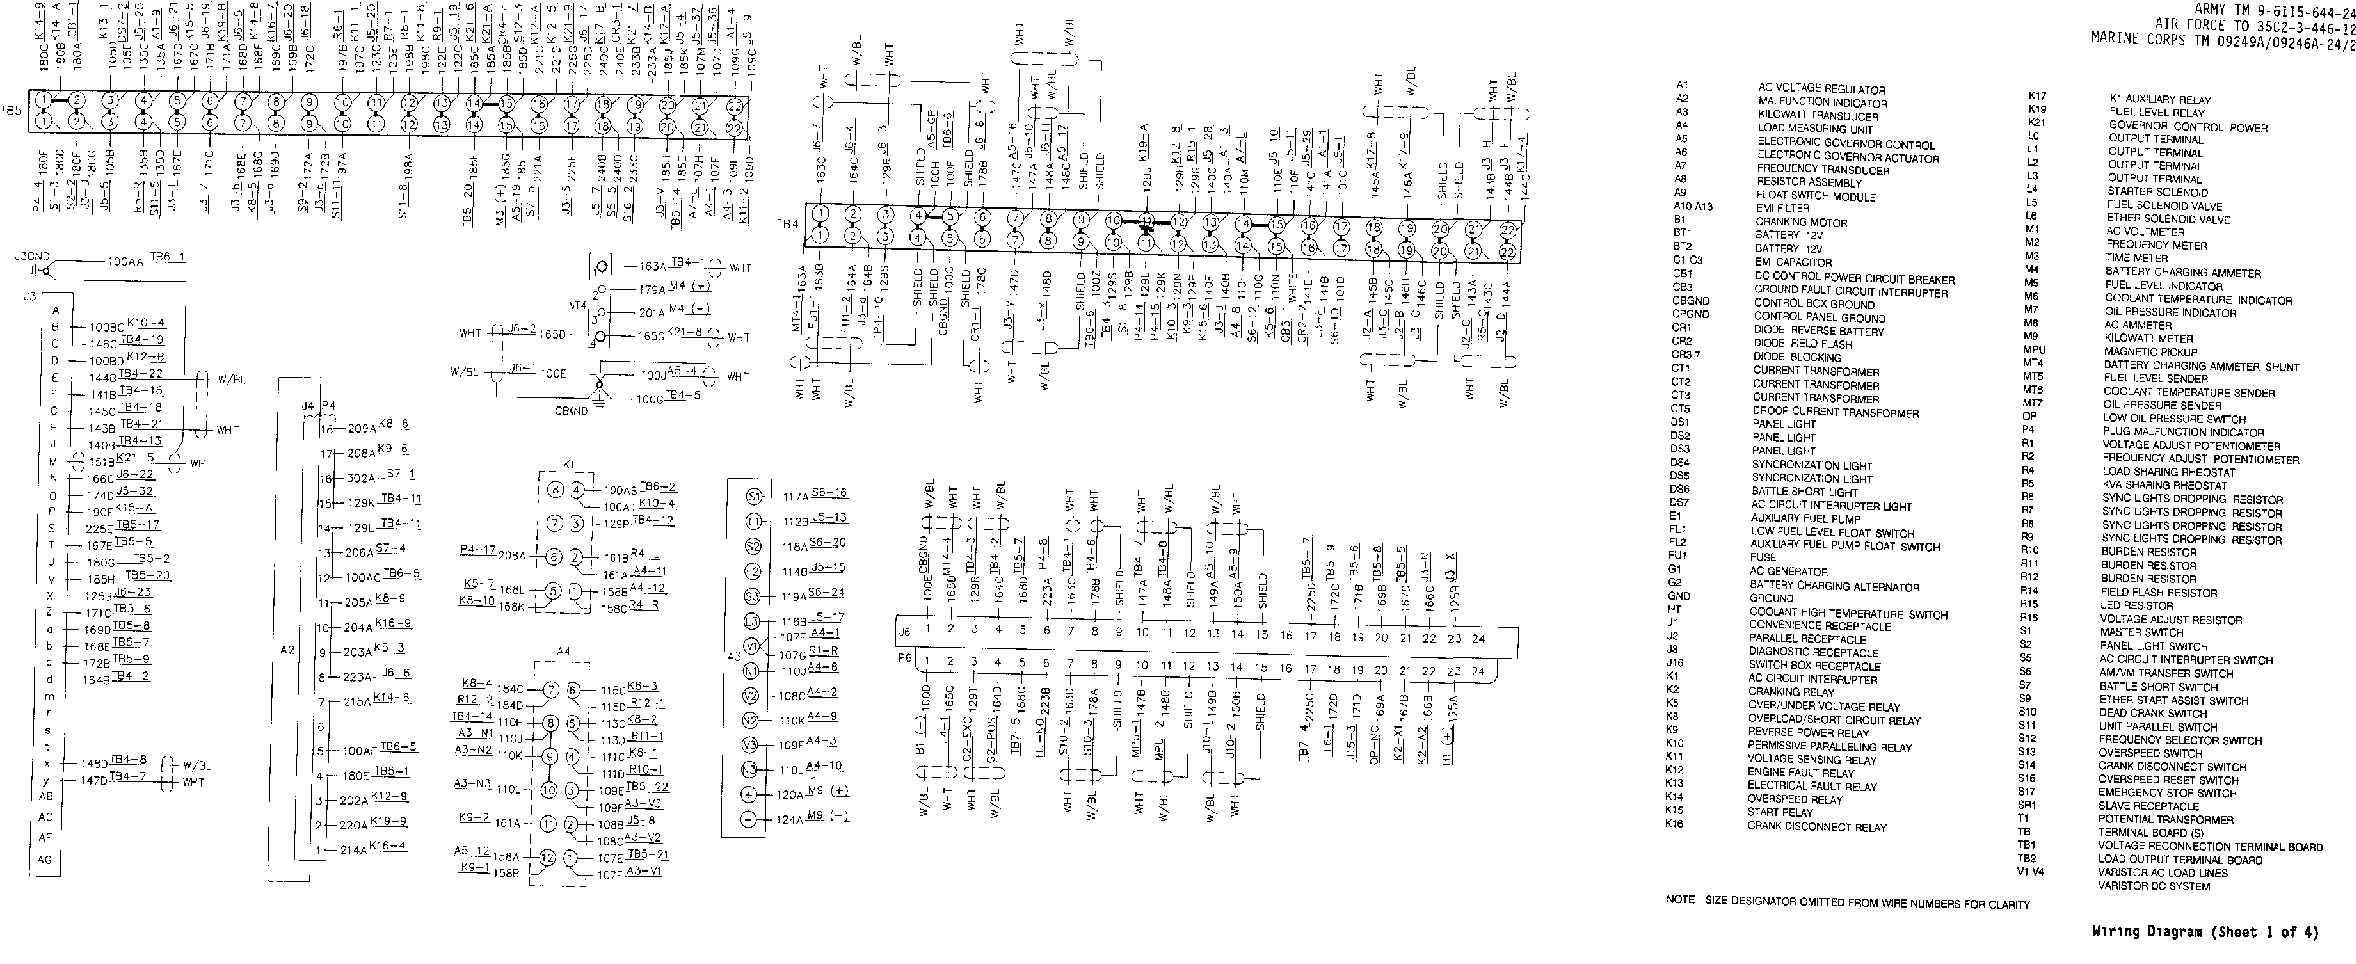 fo-2  wiring diagram  sheet 1 of 4